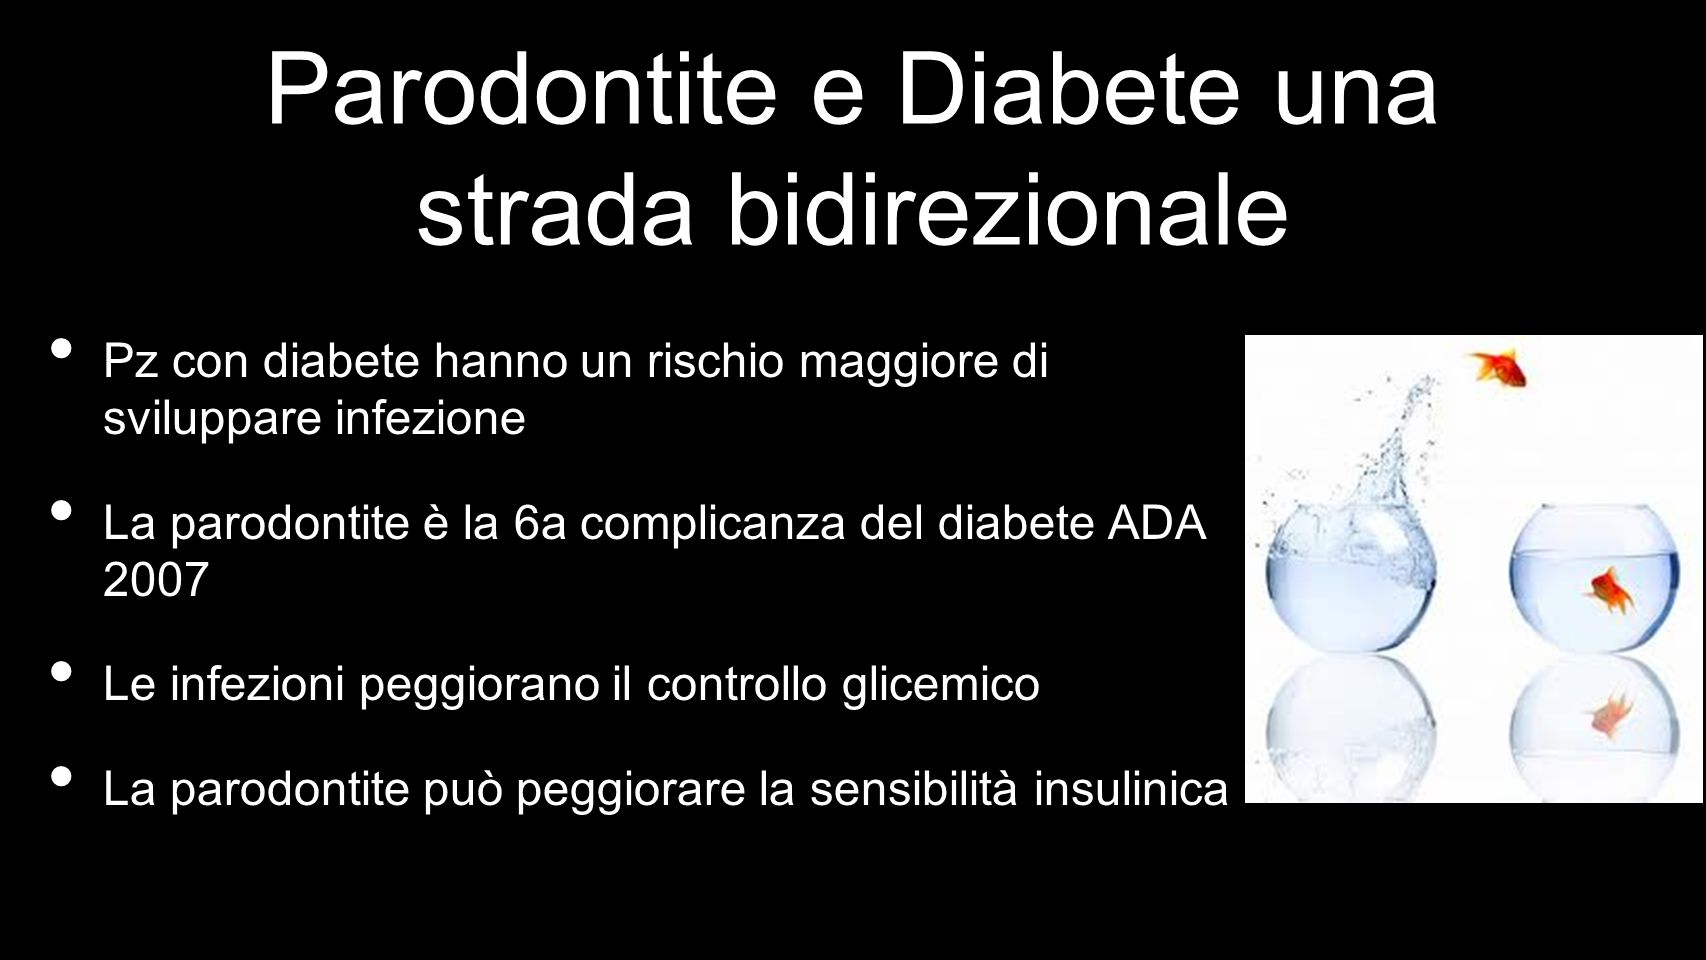 Parodontite e Diabete una strada bidirezionale Pz con diabete hanno un rischio maggiore di sviluppare infezione La parodontite è la 6a complicanza del diabete ADA 2007 Le infezioni peggiorano il controllo glicemico La parodontite può peggiorare la sensibilità insulinica